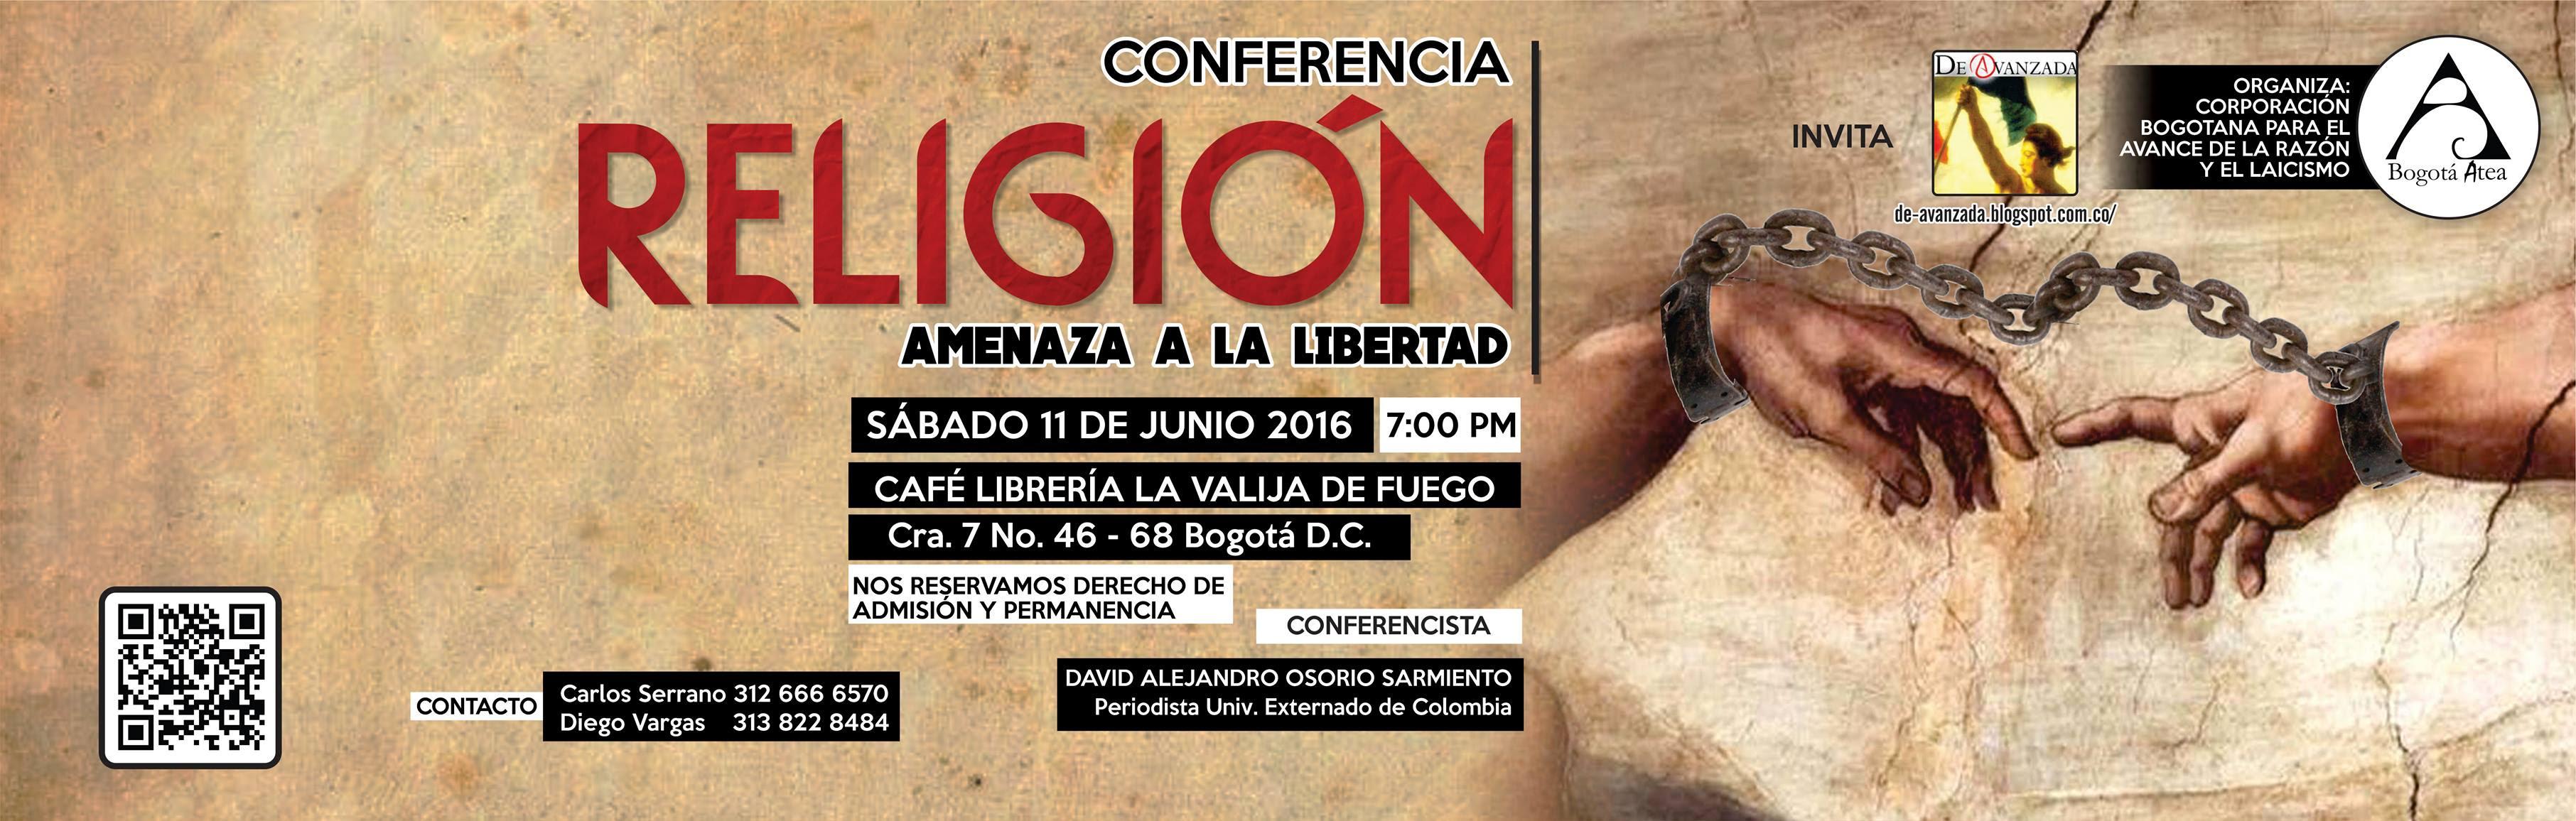 Religión-amenaza-Libertad-David-Osorio-